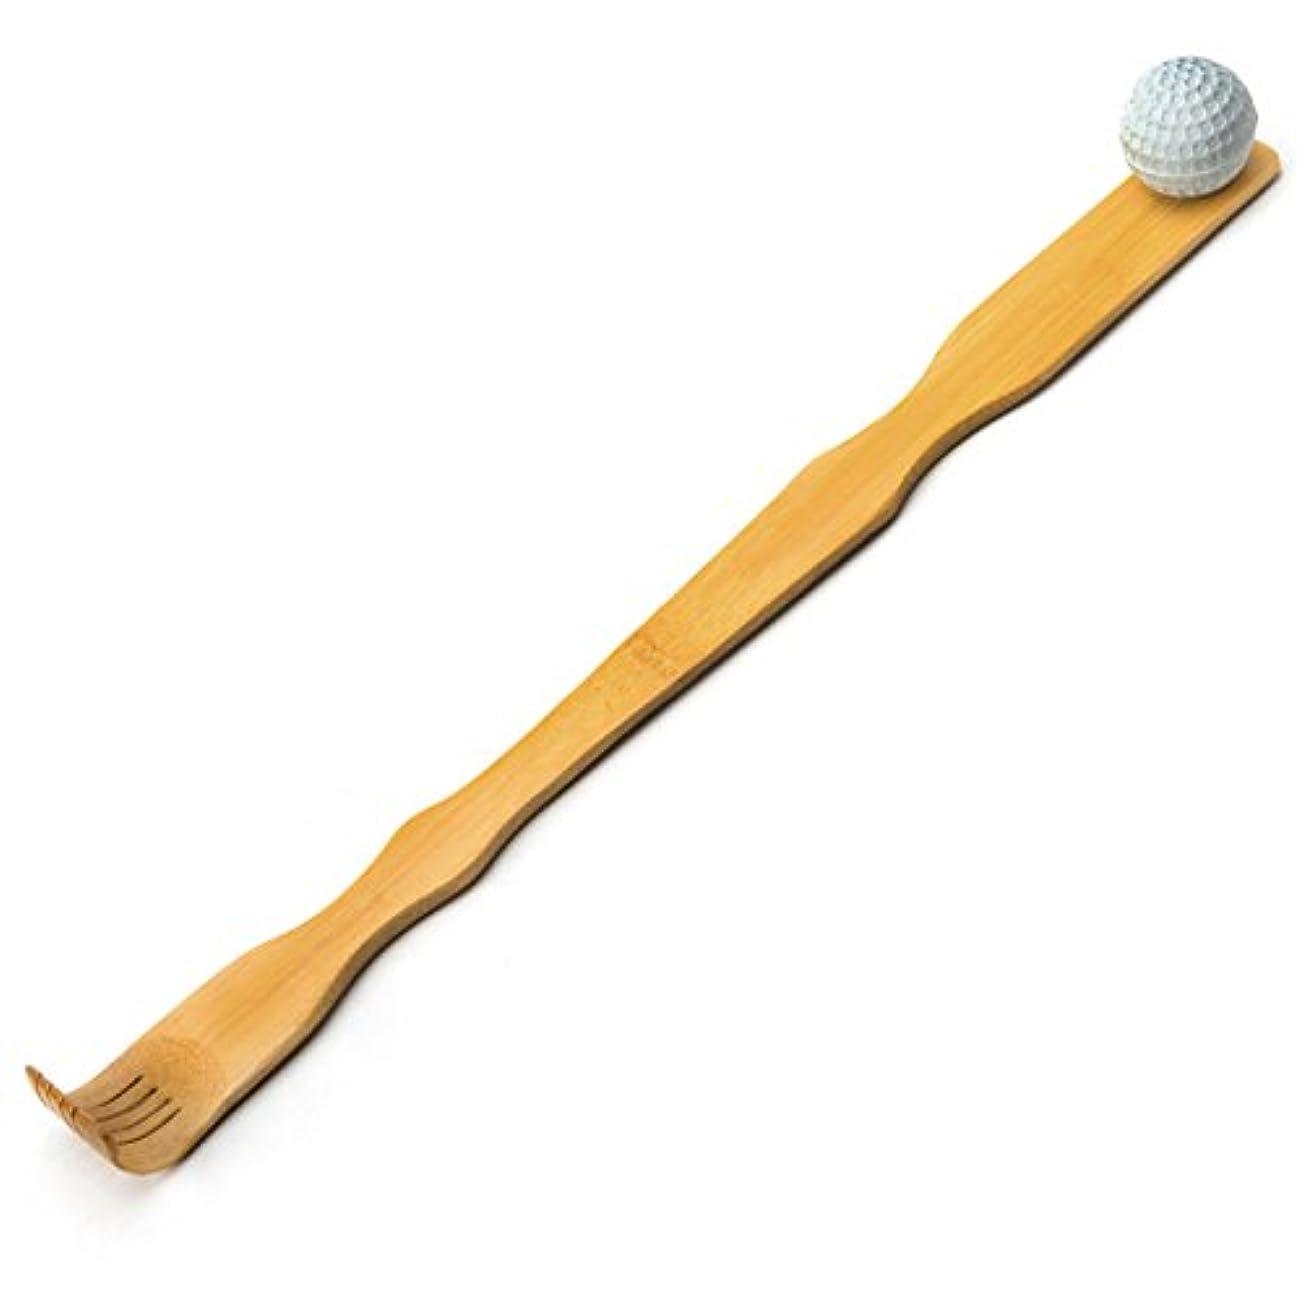 資金膿瘍絞るTungSam 竹製孫の手一本 背中かゆみを止め マッサージ用,マッサージボール付き